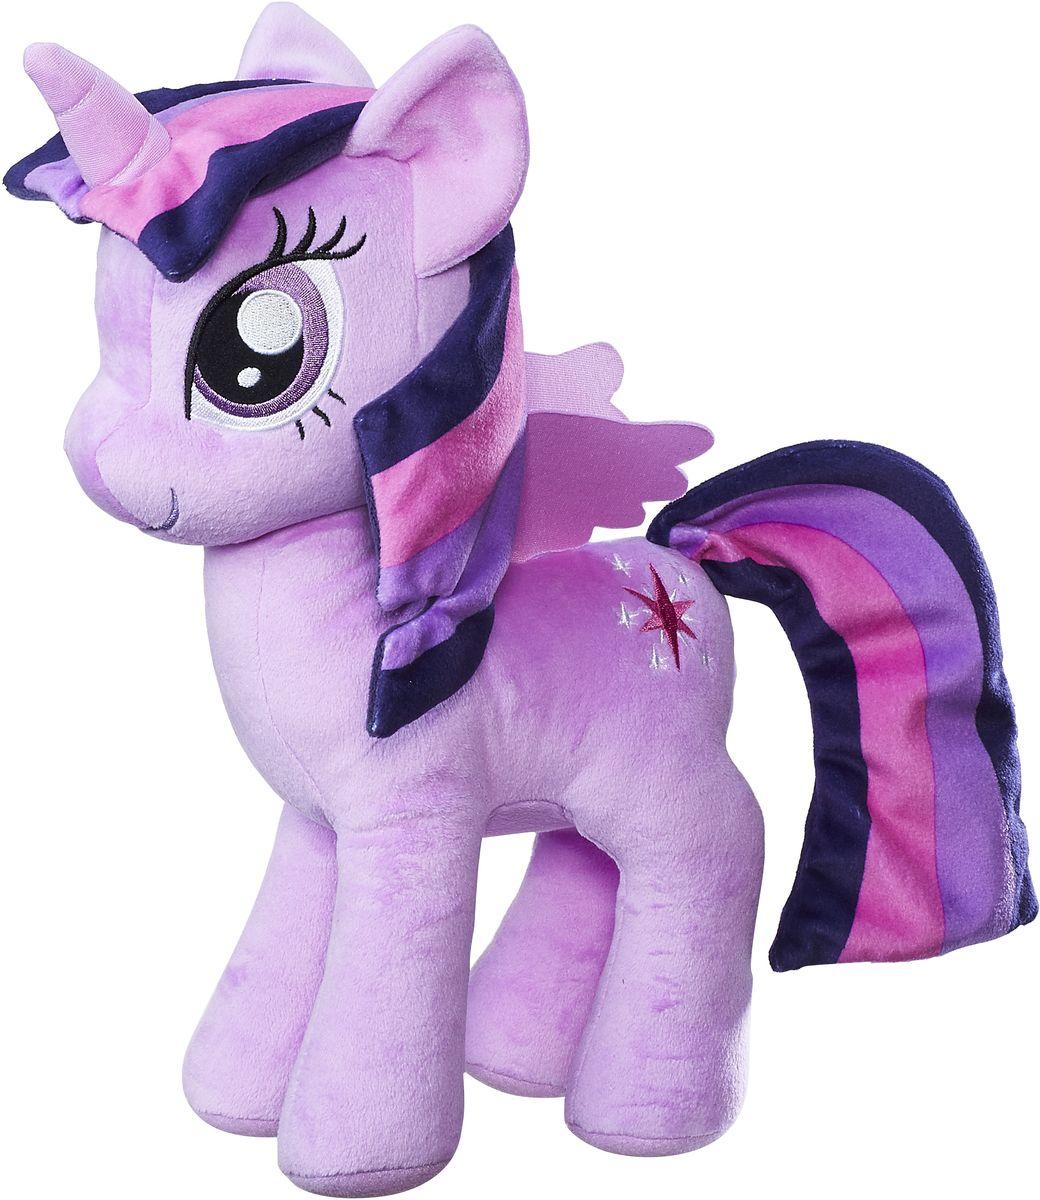 My Little Pony Мягкая игрушка Плюшевые пони Твайлайт Спаркл 30 см интерактивная игрушка my little pony твайлайт спаркл